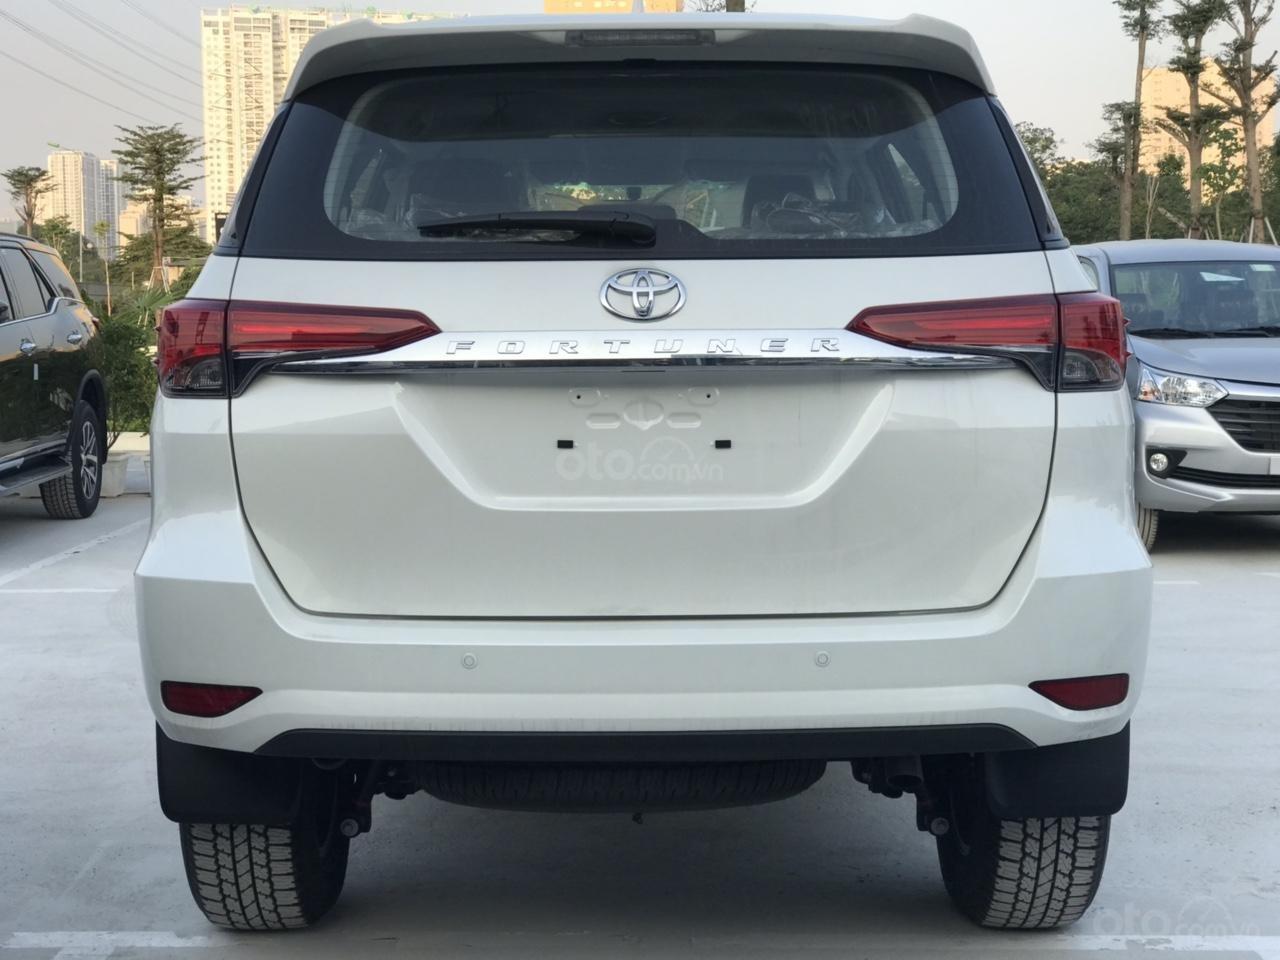 Toyota Fortuner 2.4 G số tự động 1 cầu 2020 tặng thuế TB, tặng BHVC + phụ kiện cao cấp, trả góp từ 300tr - LH 0942456838 (3)